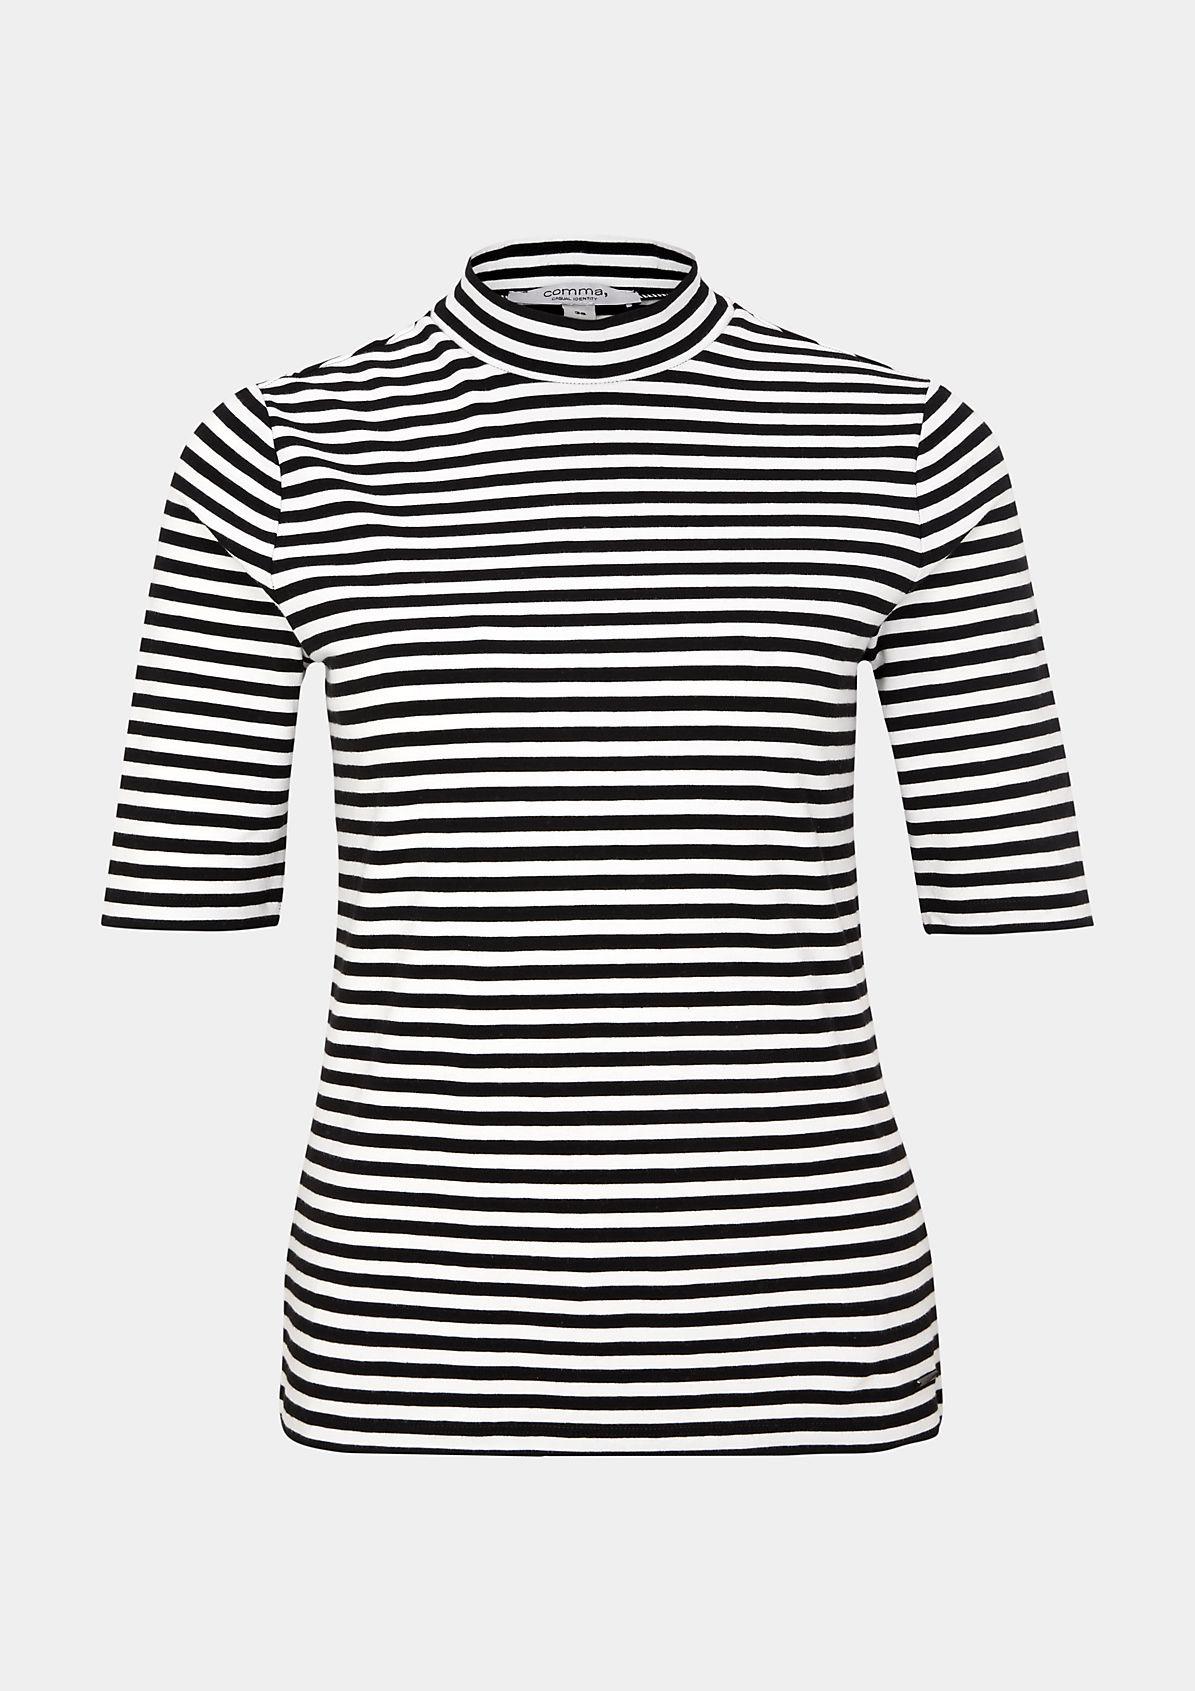 Kurzarm-Jerseyshirt mit sportlichem Streifenmuster